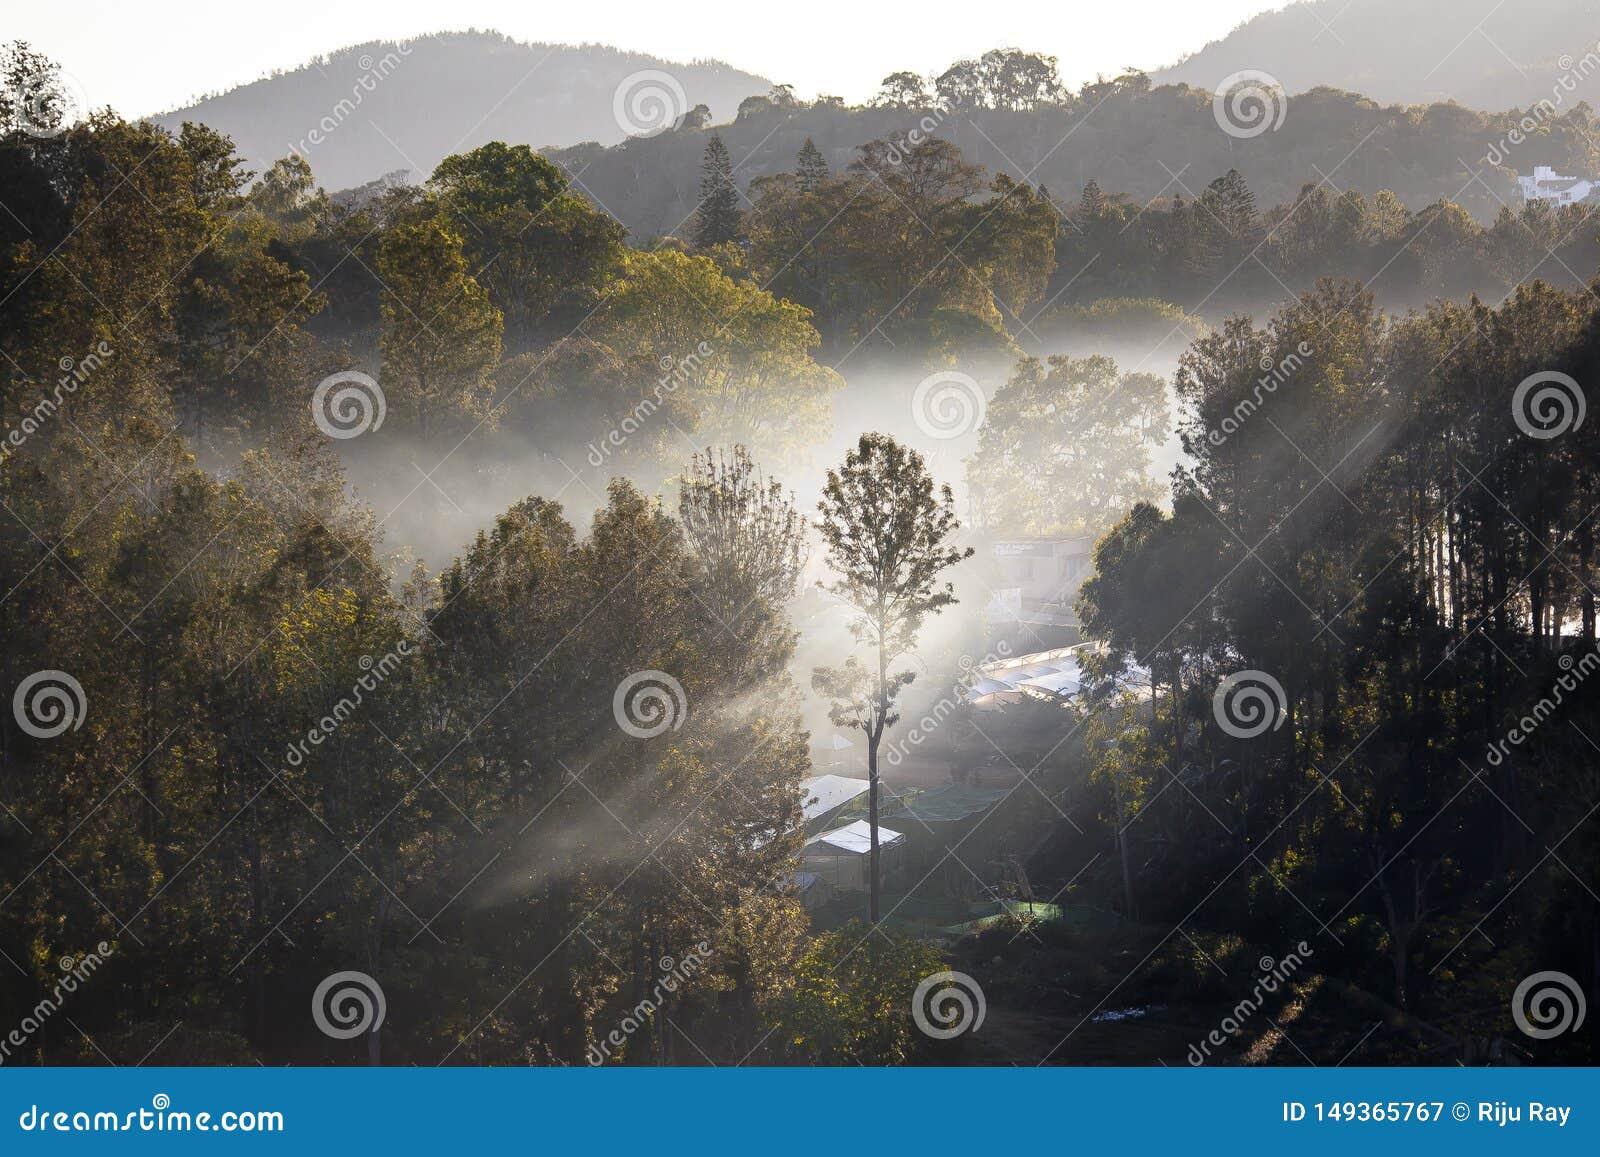 La luz del sol perfora las nubes para crear la iluminaci?n cambiante en un embarcadero de la pesca en la oscuridad